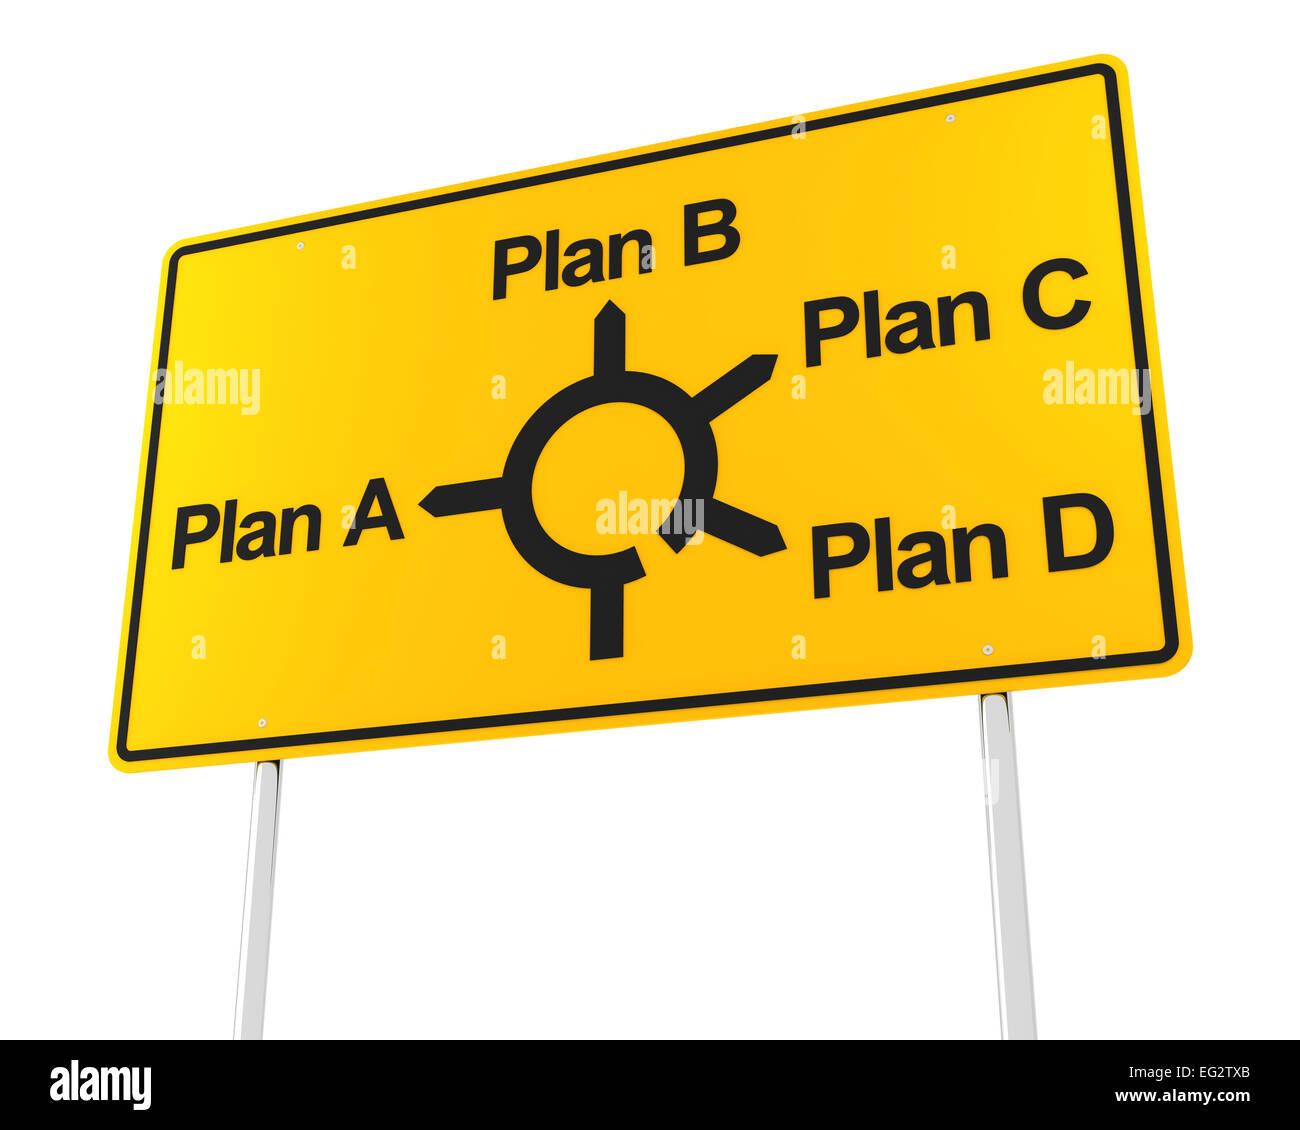 Señal de carretera con opciones para diferentes planes Imagen De Stock